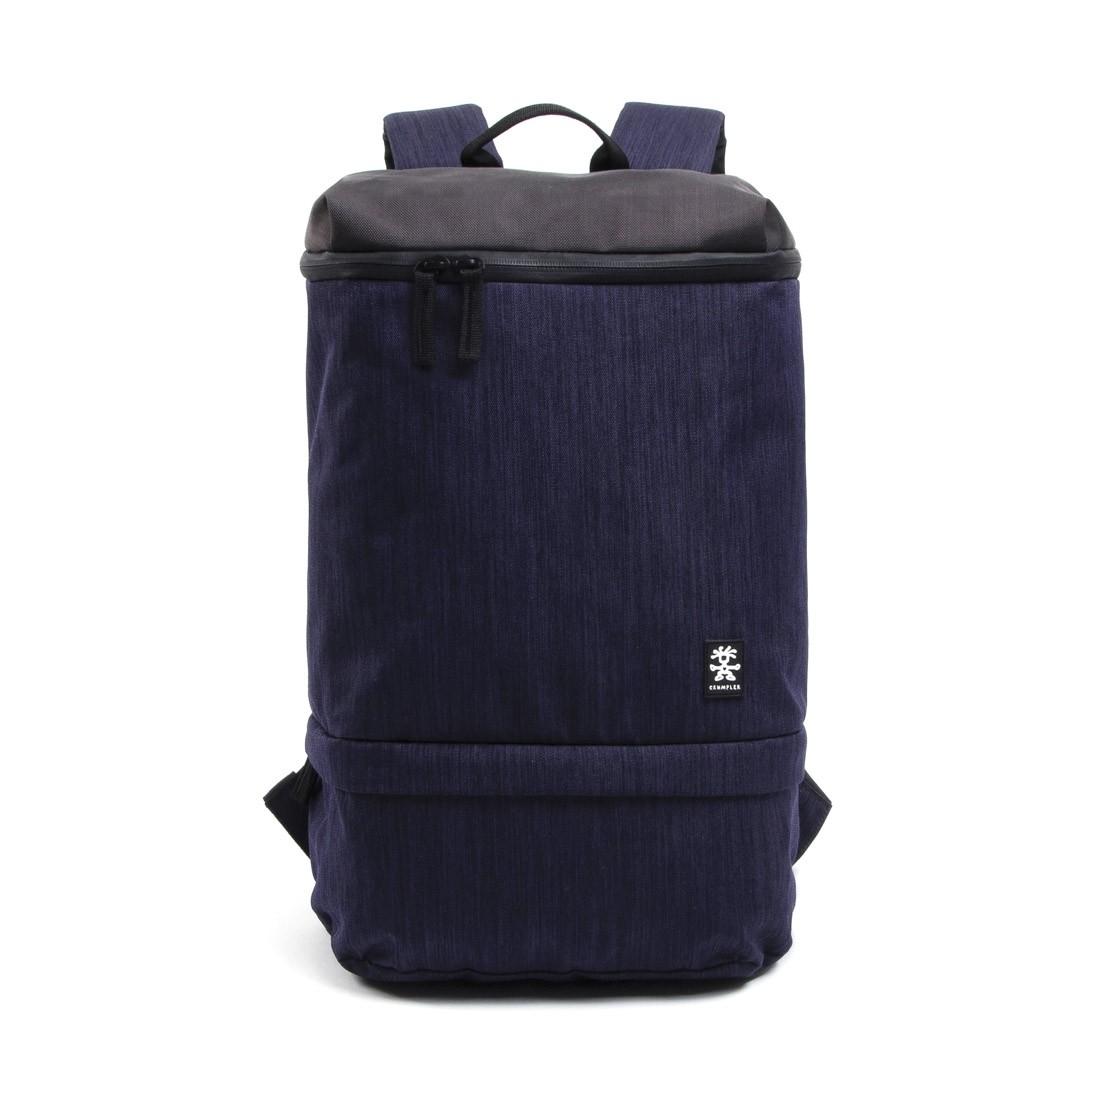 a2711e5966 Městský batoh Crumpler Beehive Backpack eclipse